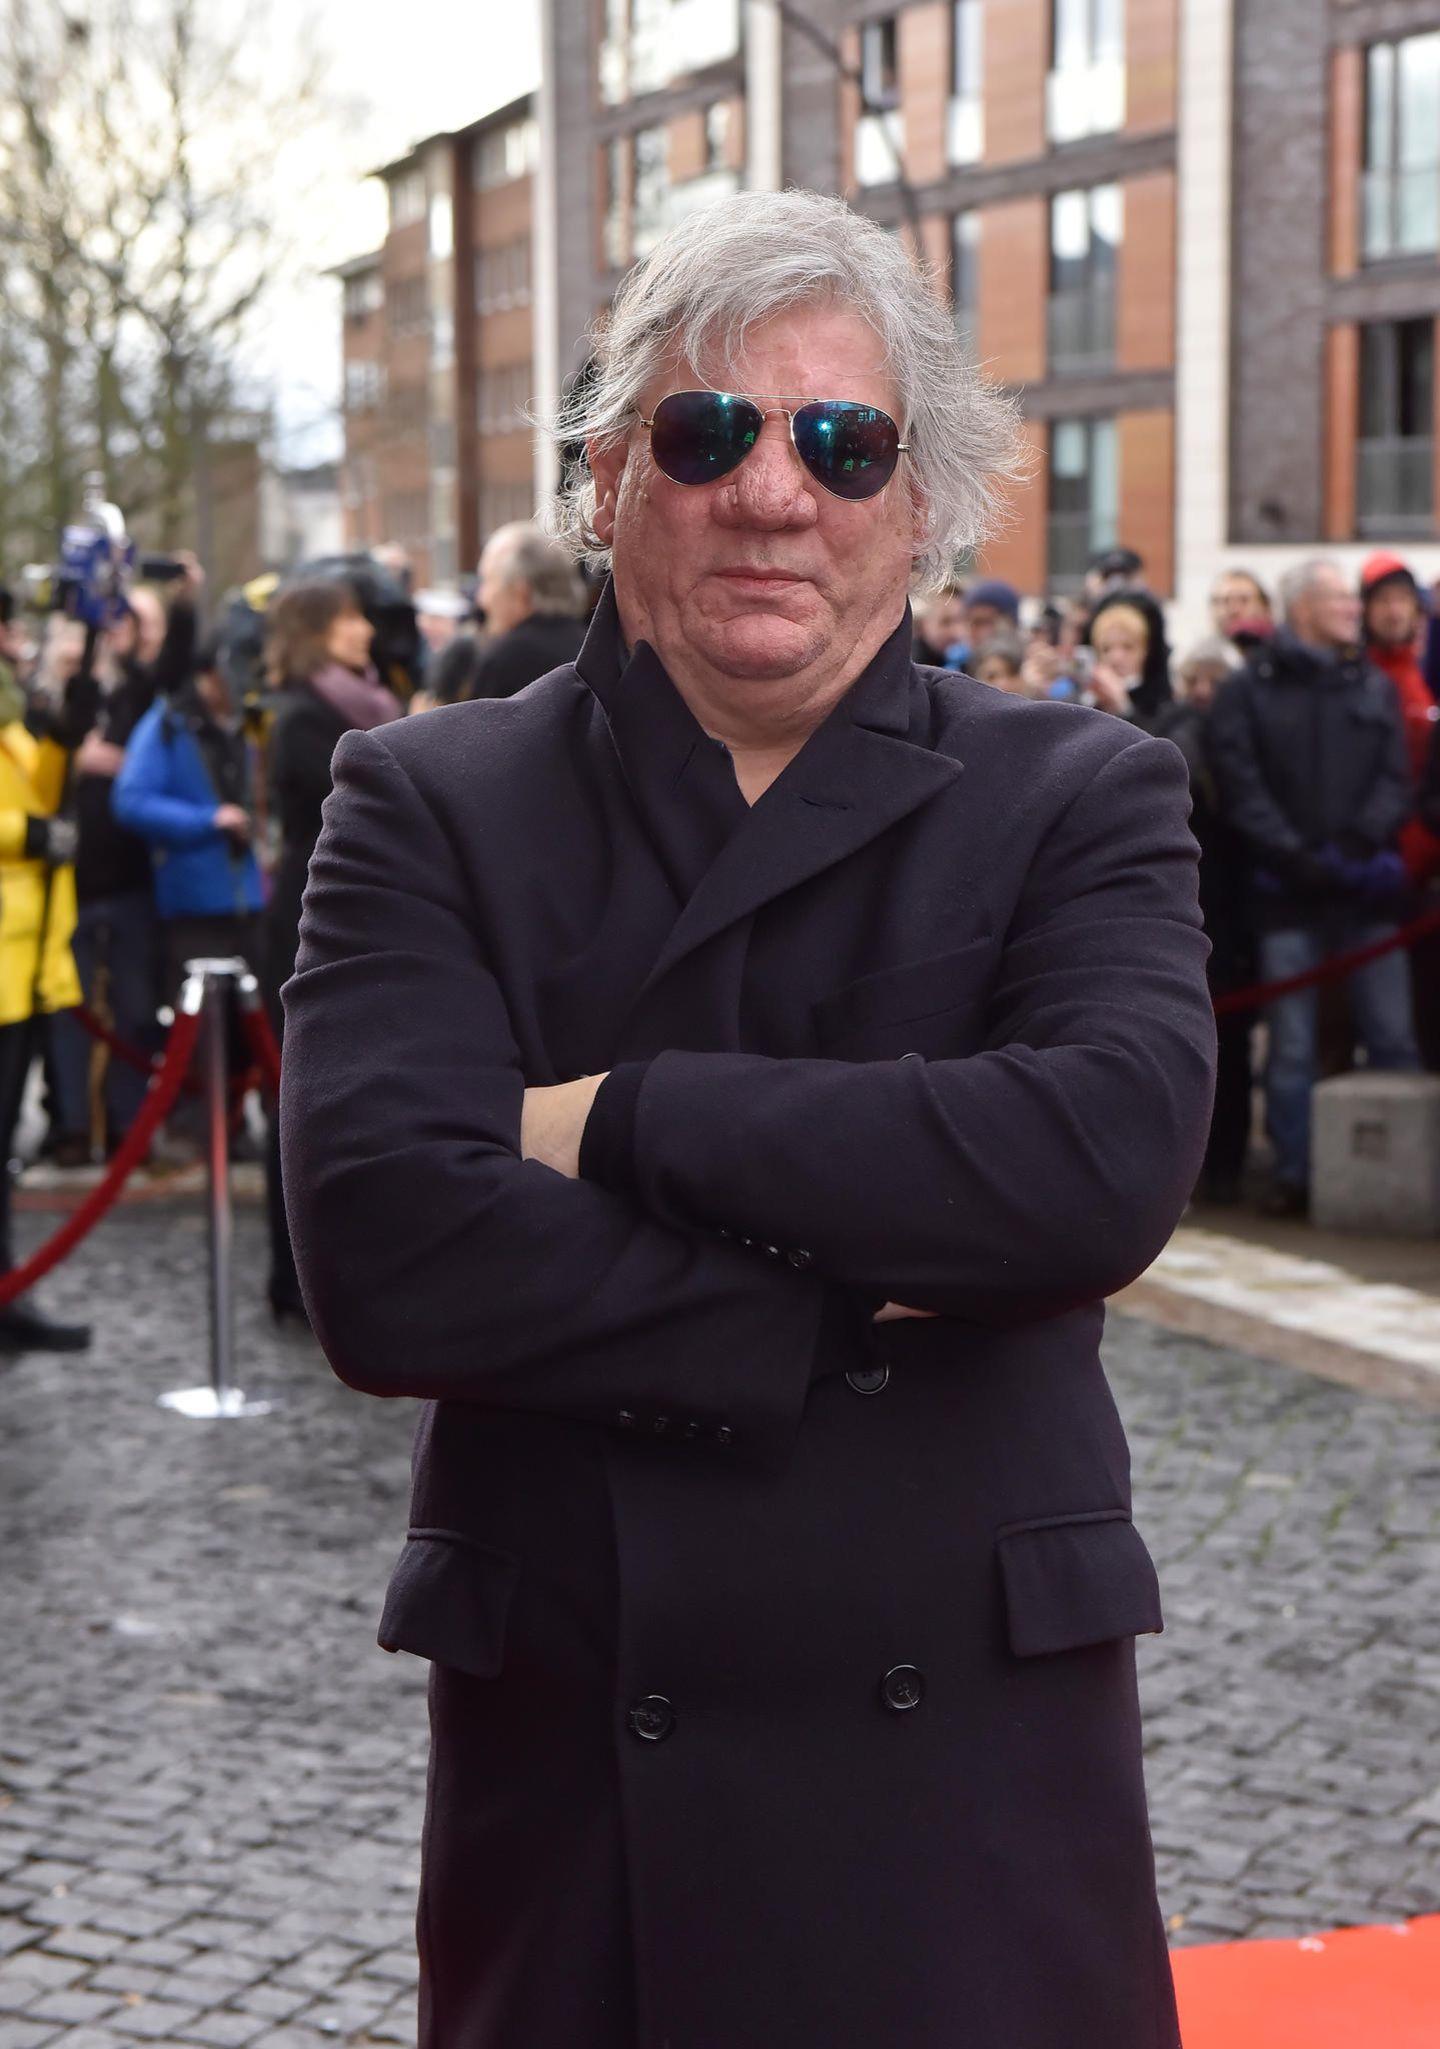 Claude Oliver Rudolph